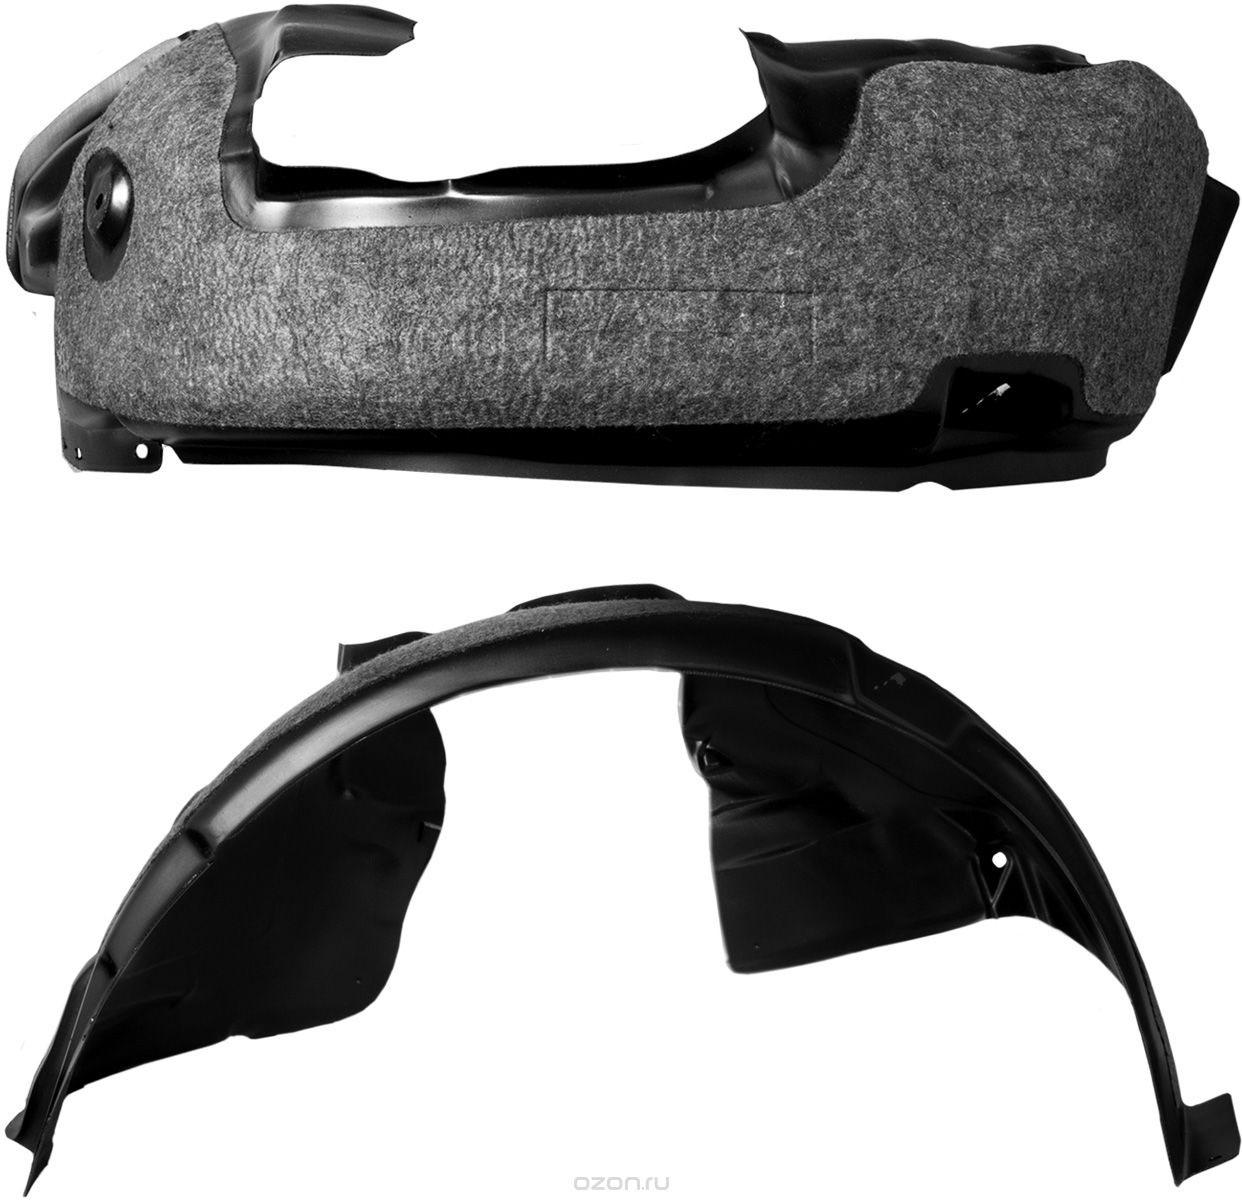 Подкрылок Novline-Autofamily с шумоизоляцией, для Skoda Octavia, 2013->, лифтбэк, задний левыйNLS.45.06.003Идеальная защита колесной ниши. Локеры разработаны с применением цифровых технологий, гарантируют максимальную повторяемость поверхности арки. Изделия устанавливаются без нарушения лакокрасочного покрытия автомобиля, каждый подкрылок комплектуется крепежом. Уважаемые клиенты, обращаем ваше внимание, что фотографии на подкрылки универсальные и не отражают реальную форму изделия. При этом само изделие идет точно под размер указанного автомобиля.